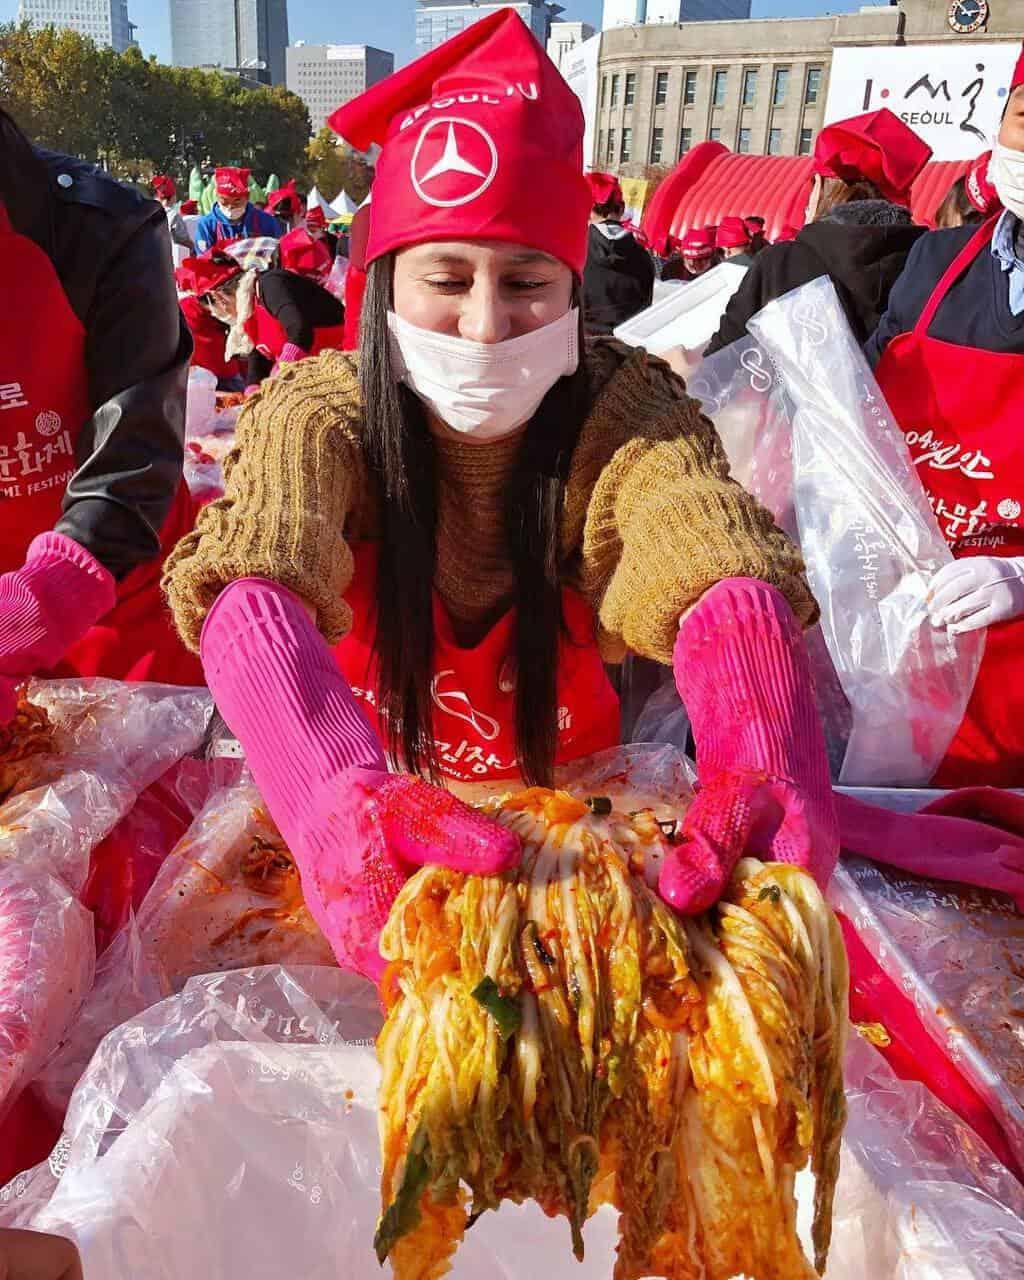 El Festival de Kimchi se celebra desde el 2014 en la Seoul Plaza donde personajes de todas las nacionalidades van a degustar y a aprender más acerca de este insigne plato coreano.